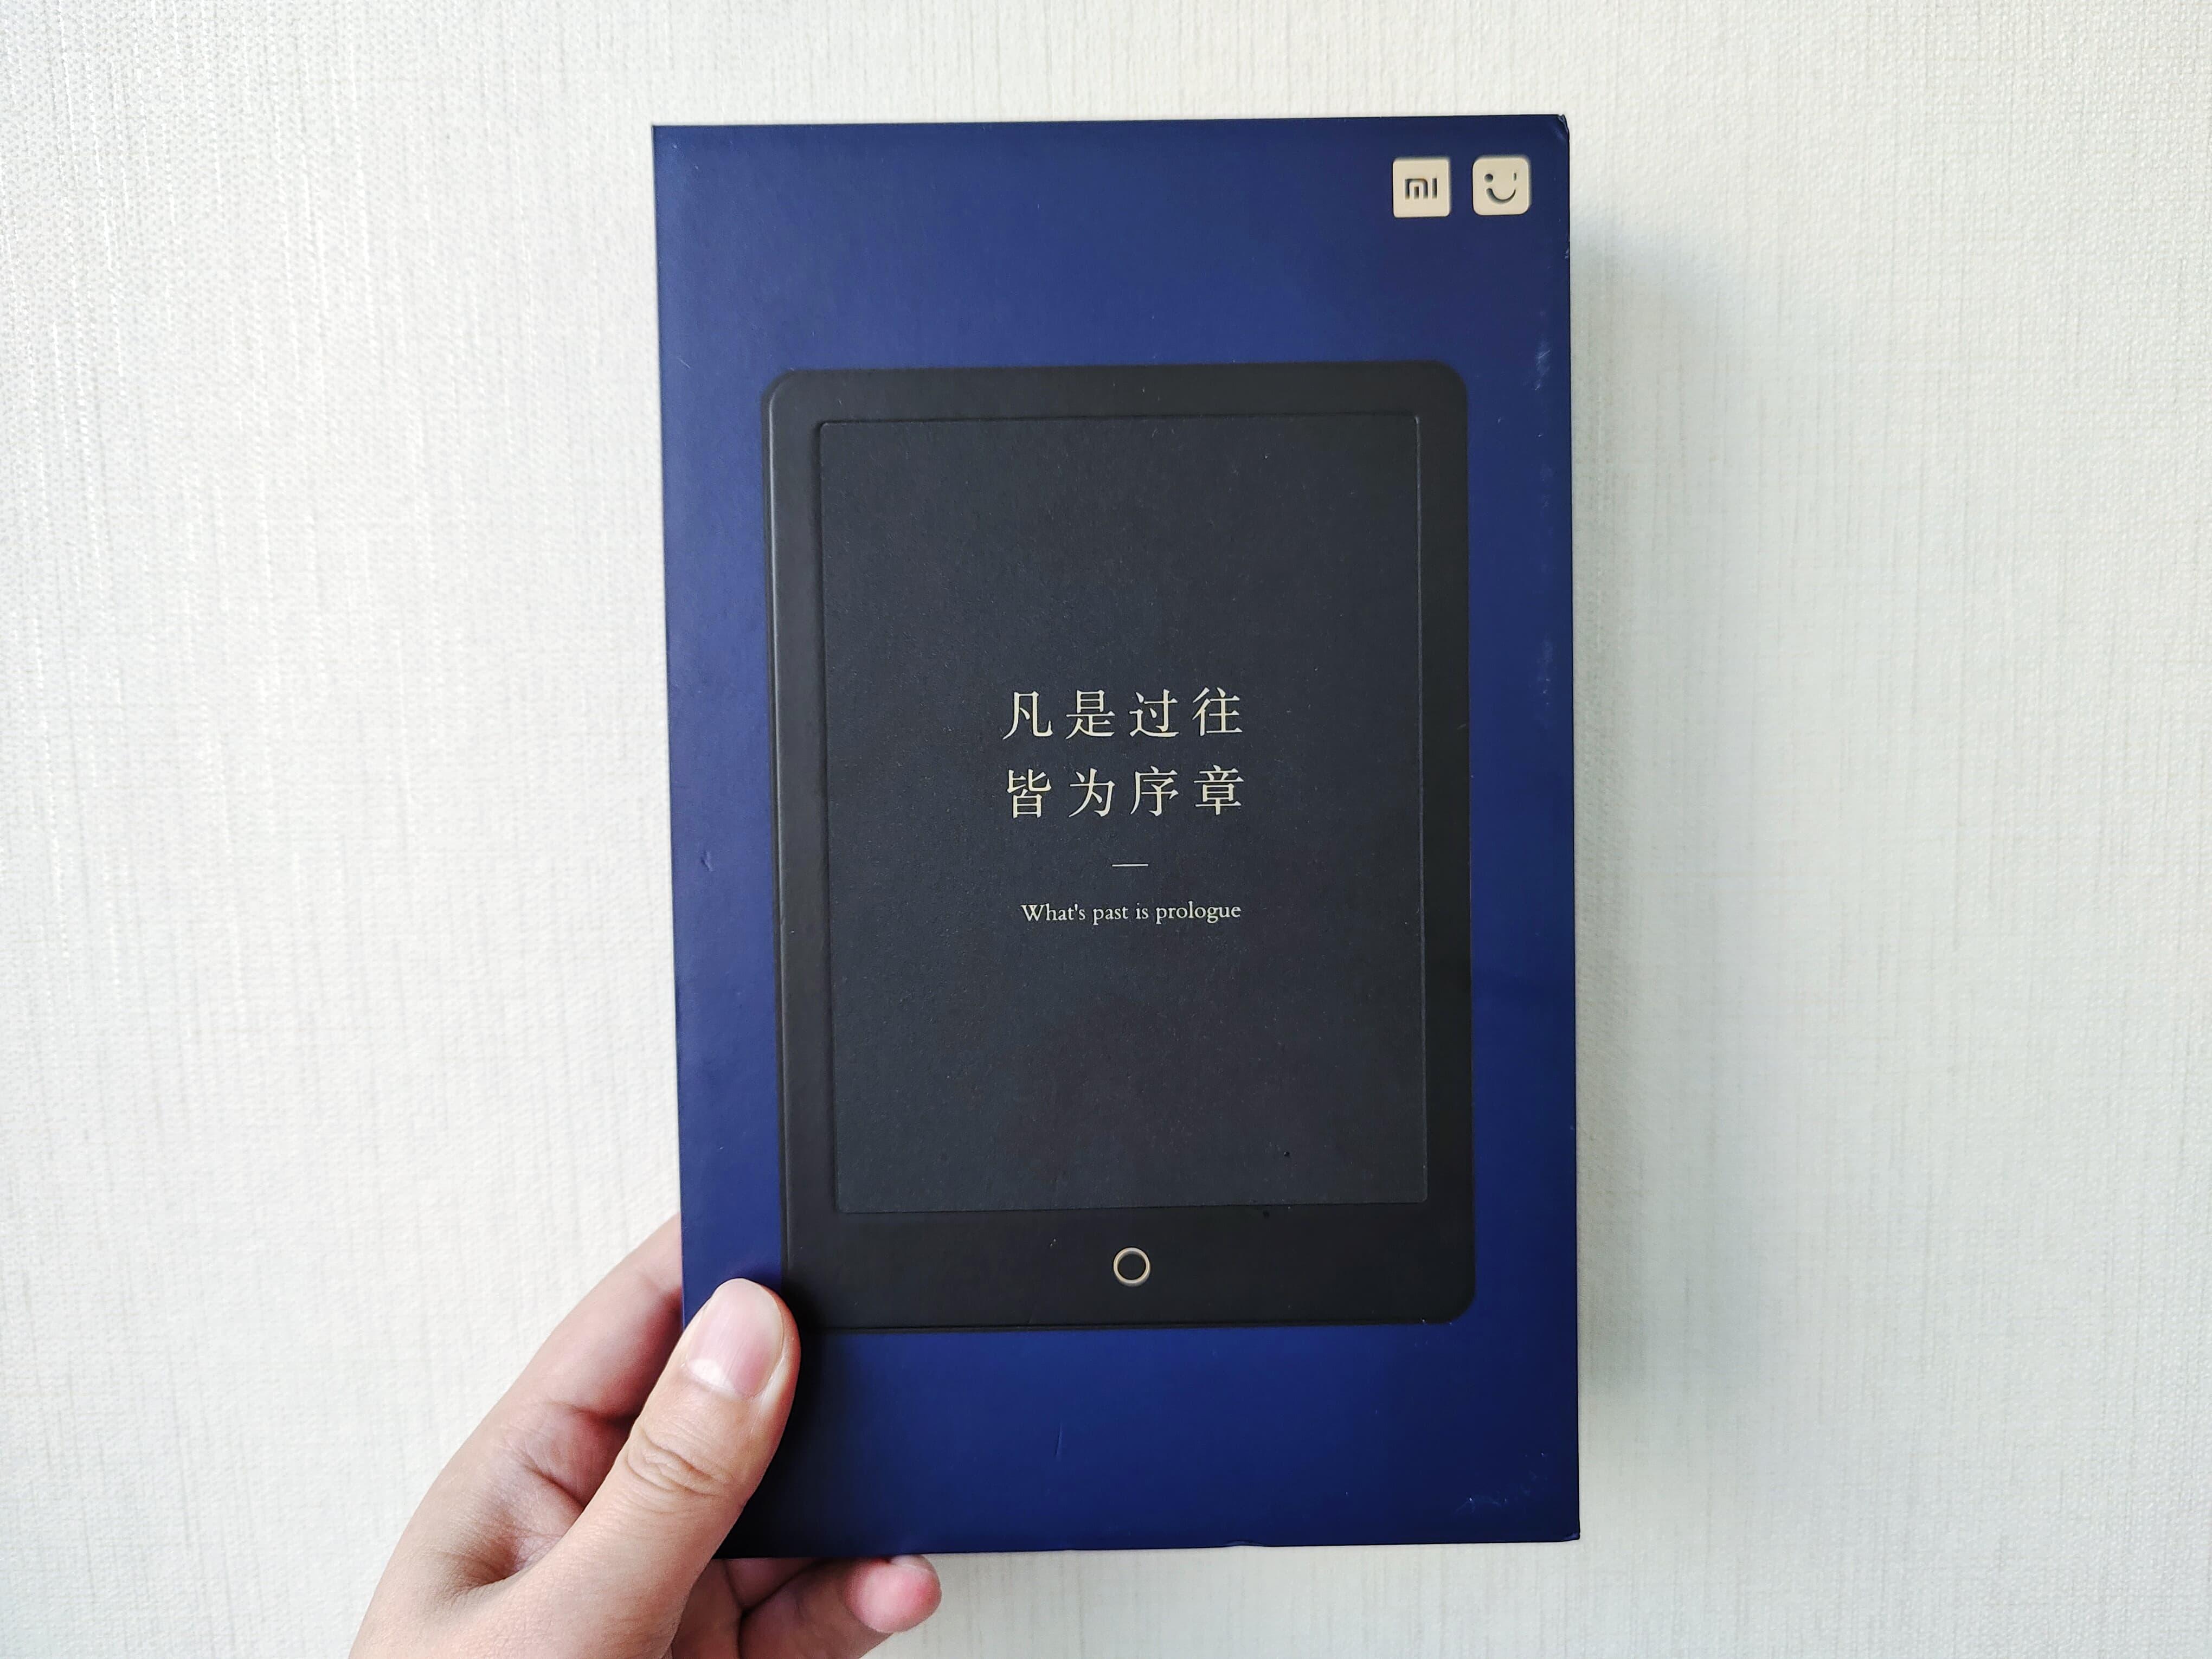 小米电纸书Pro开箱:印刷级阅读体验 新一代阅读神器